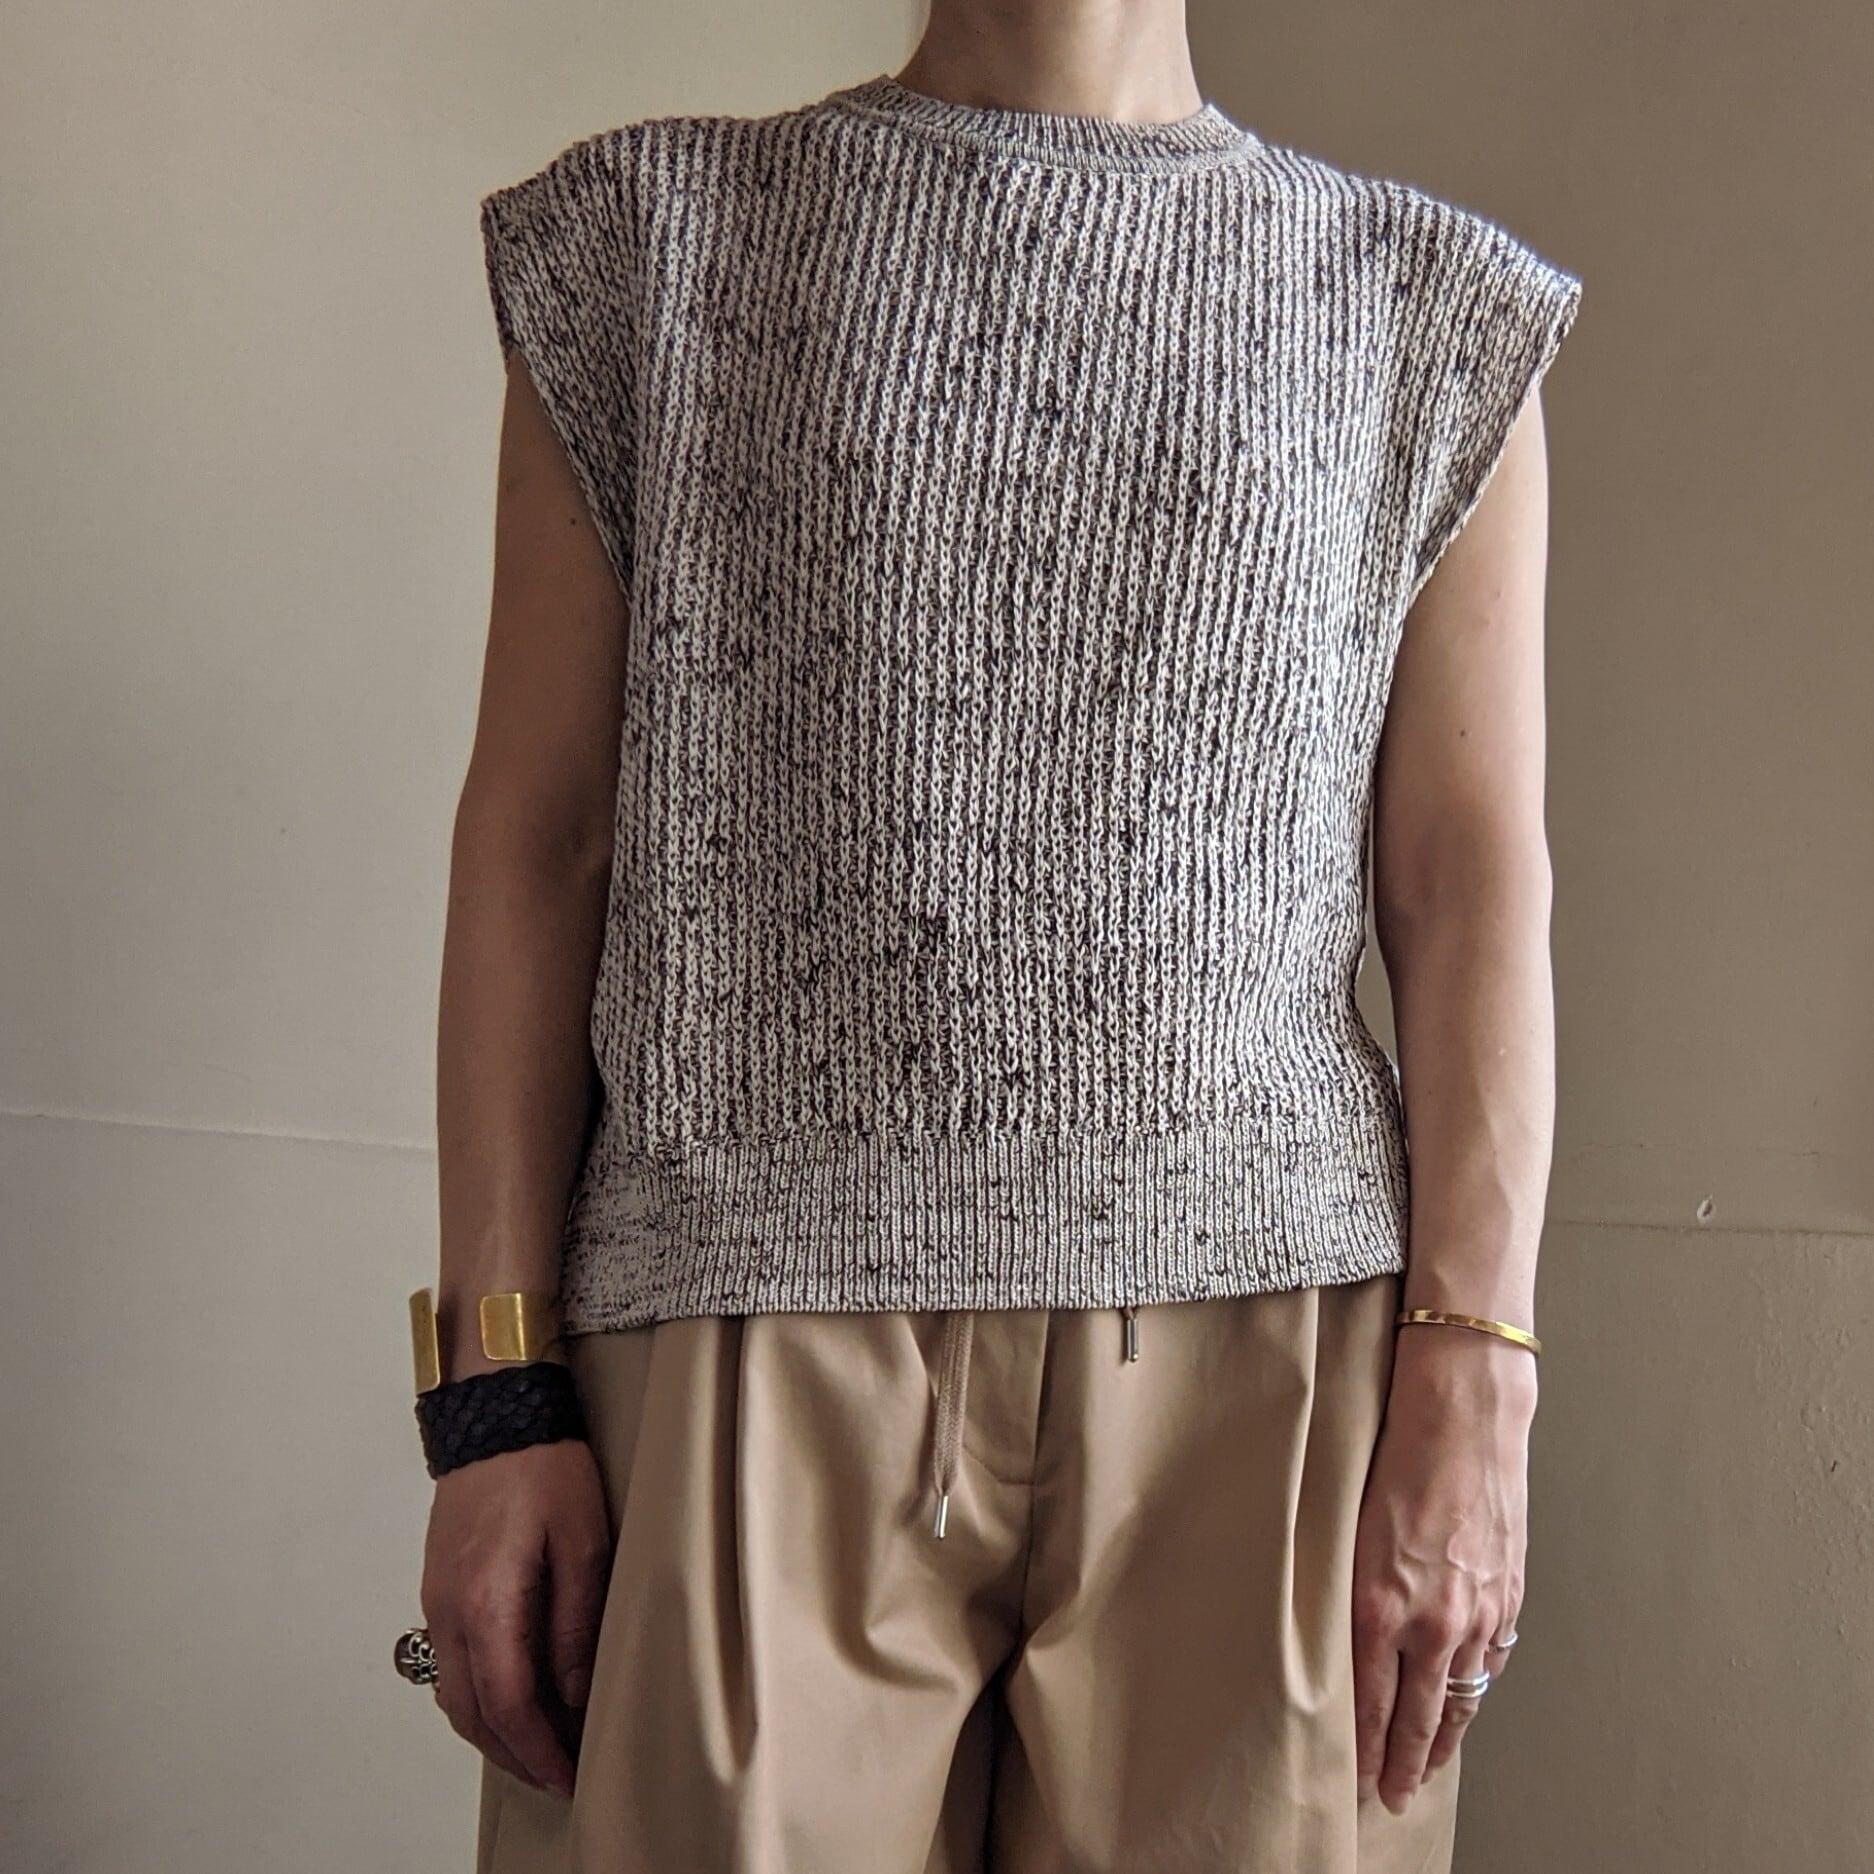 【 OTOÄA 】オトア / cotton knit vest / ベスト / コットンニット / IVORY×CHACOAL